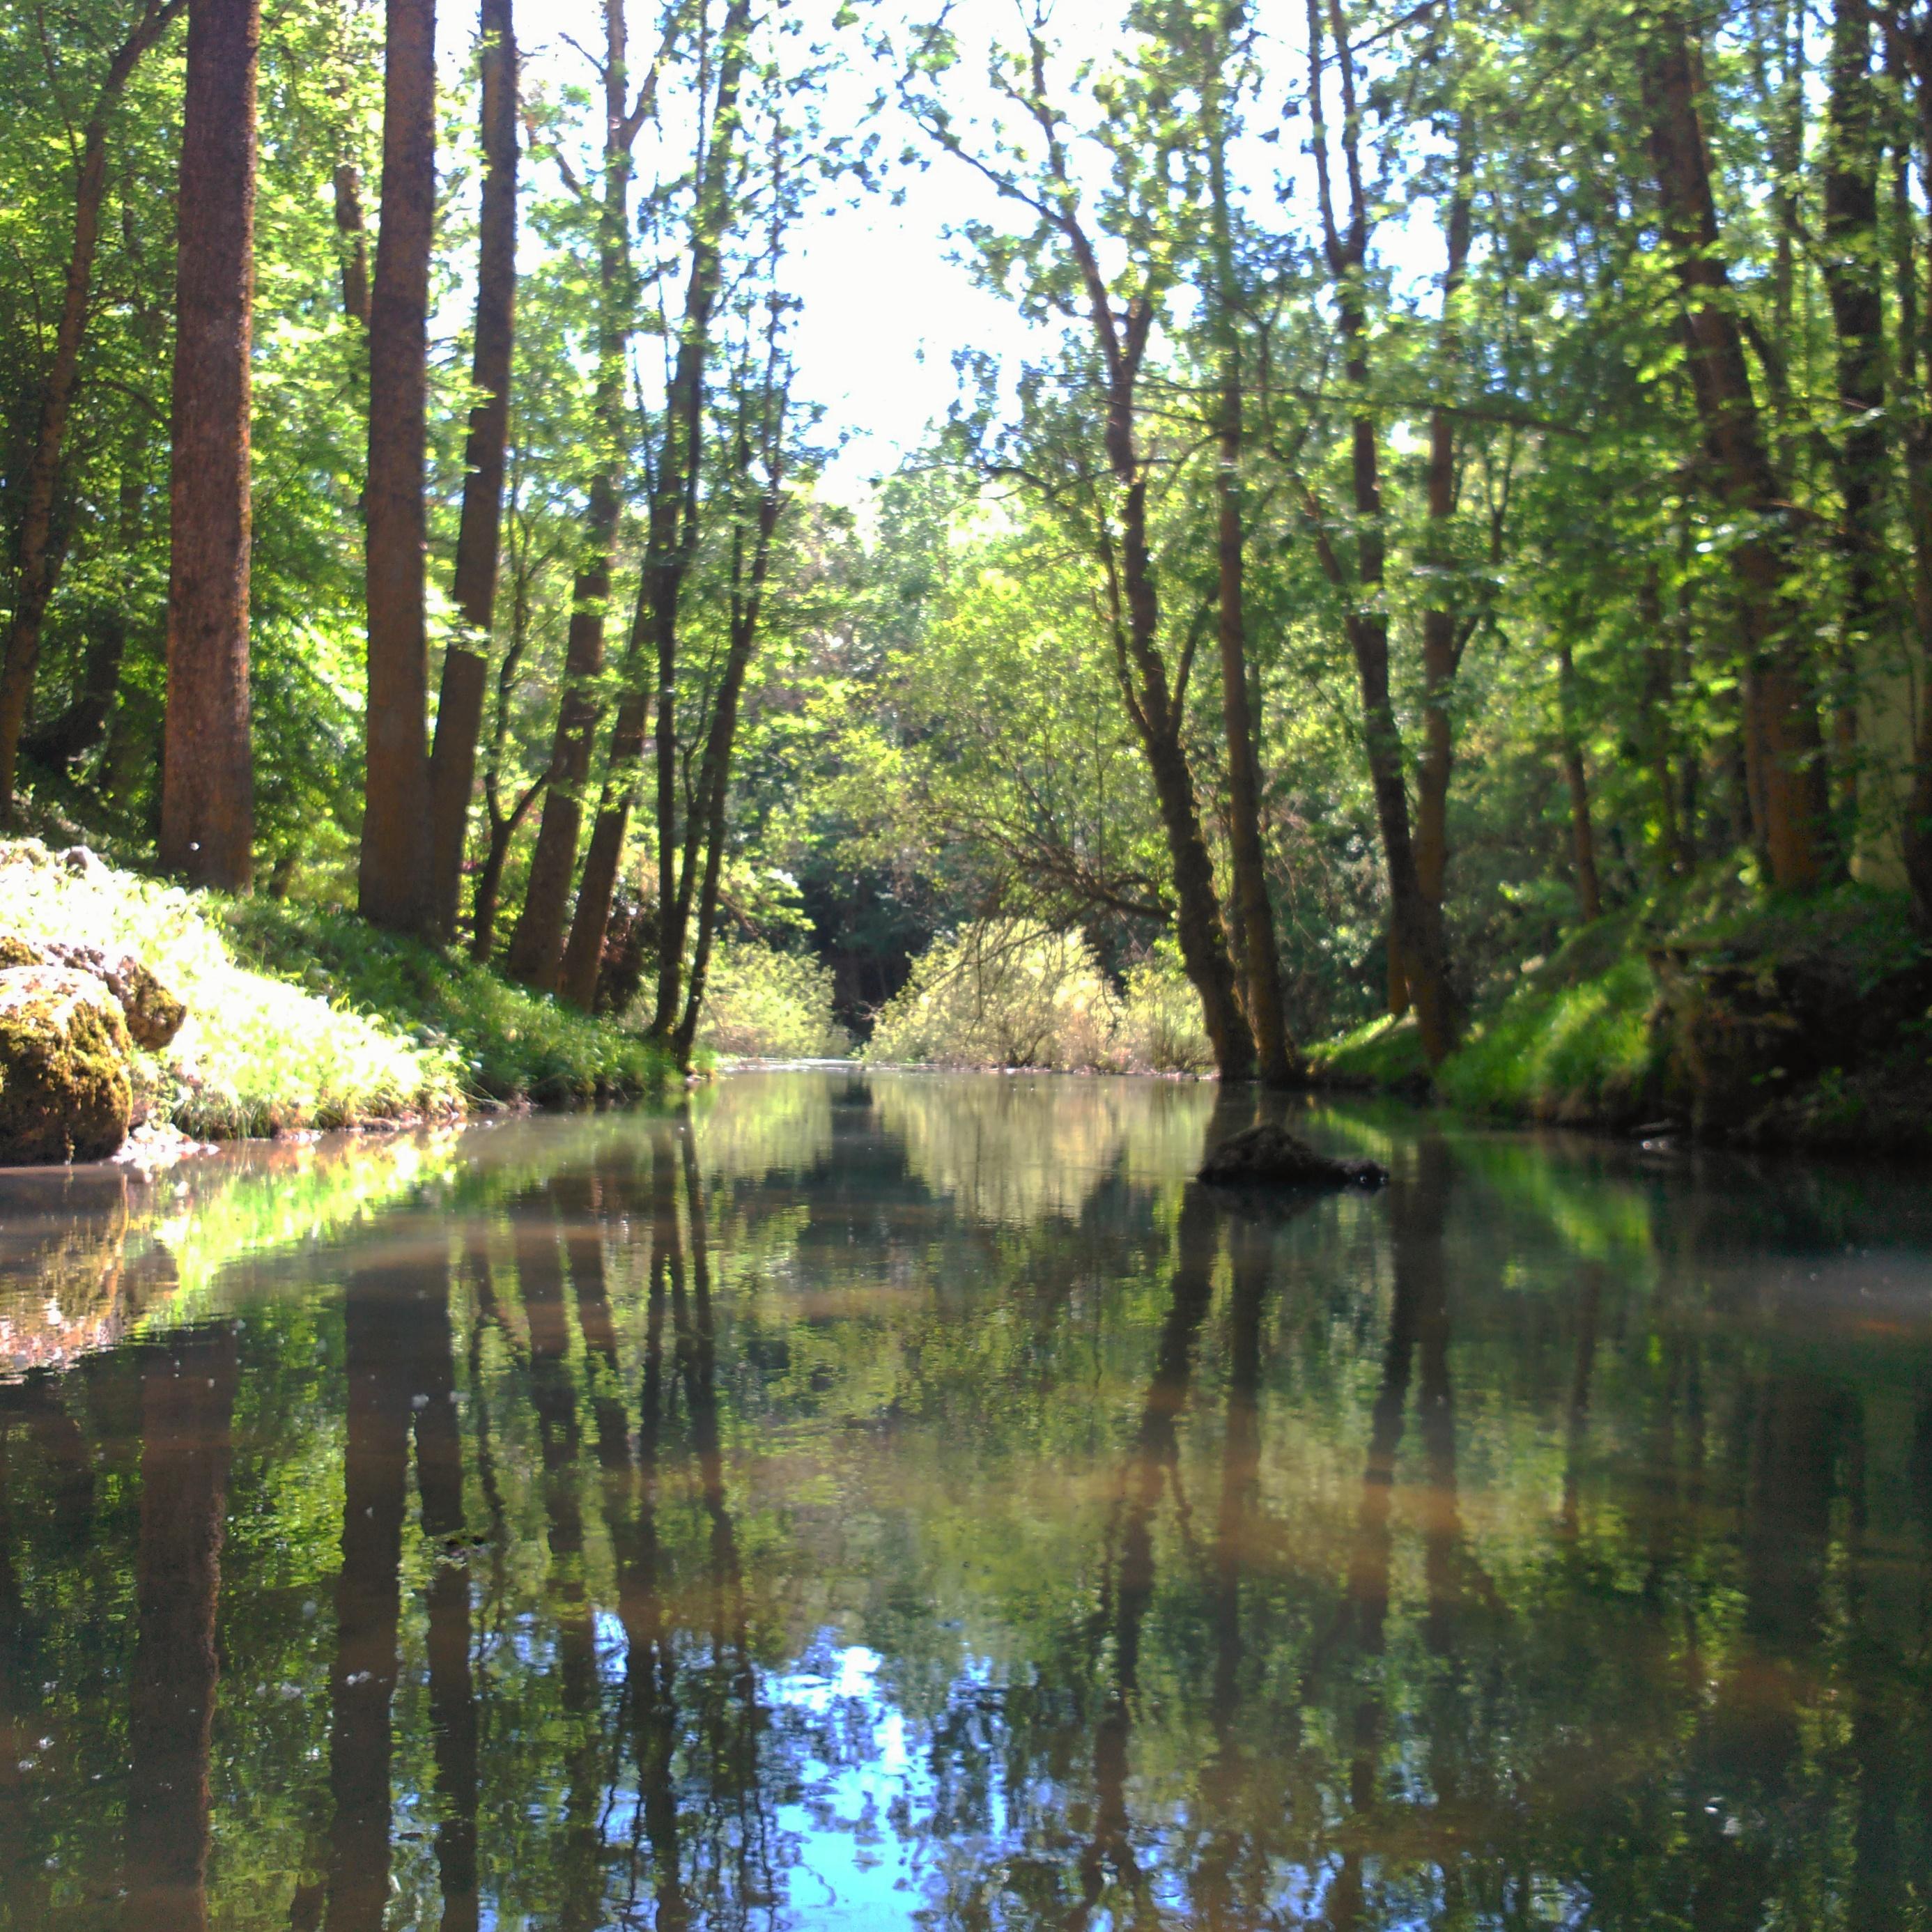 Las aguas del río Ebro, inmediatamente después de haber surgido del subsuelo, en su nacimiento tradicional.